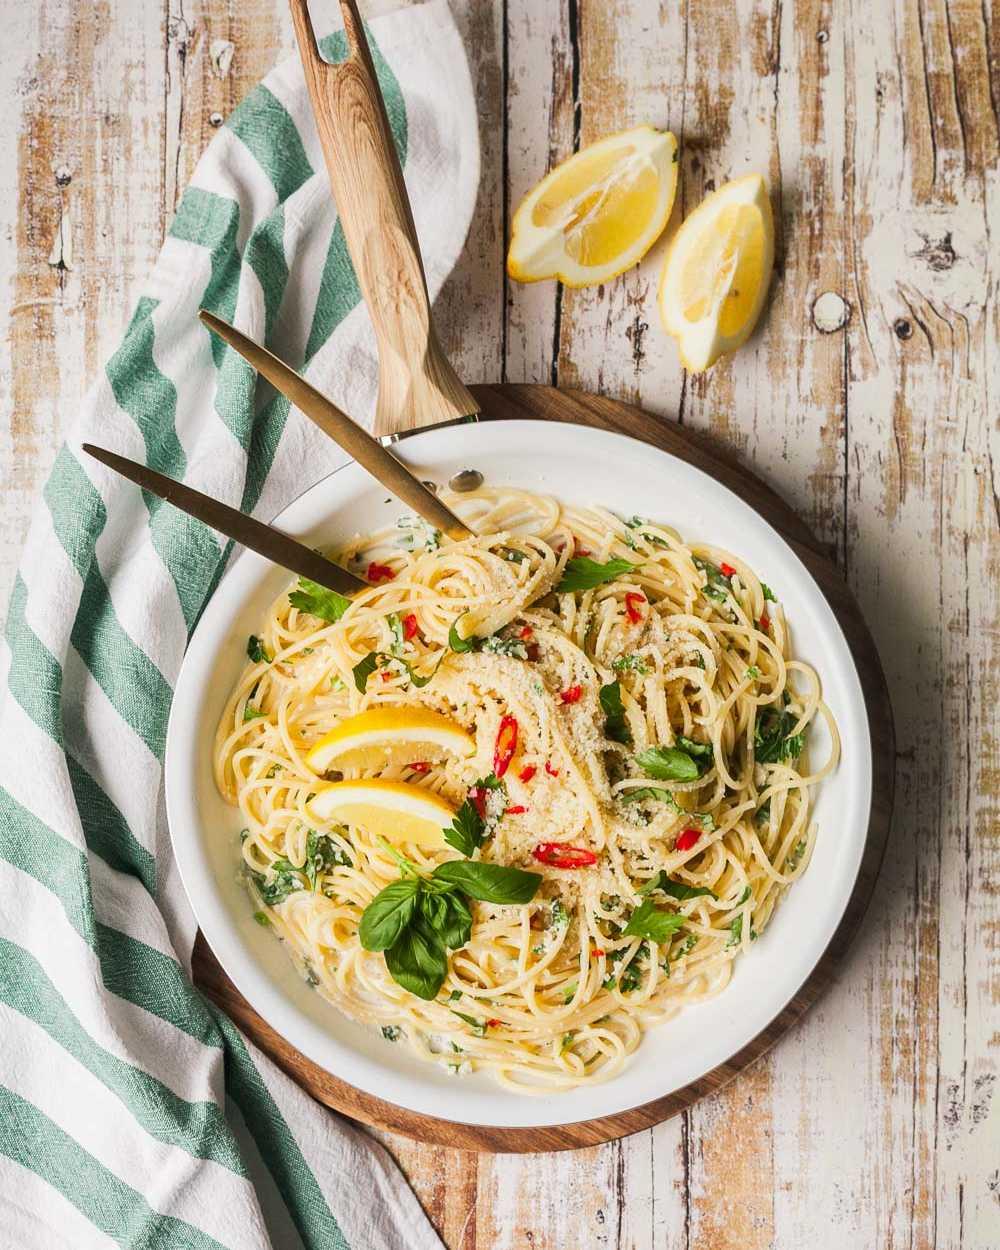 15-Minuten Zitronenspaghetti - einfache schnelle Pasta für den Fruehling |GourmetGuerilla.de